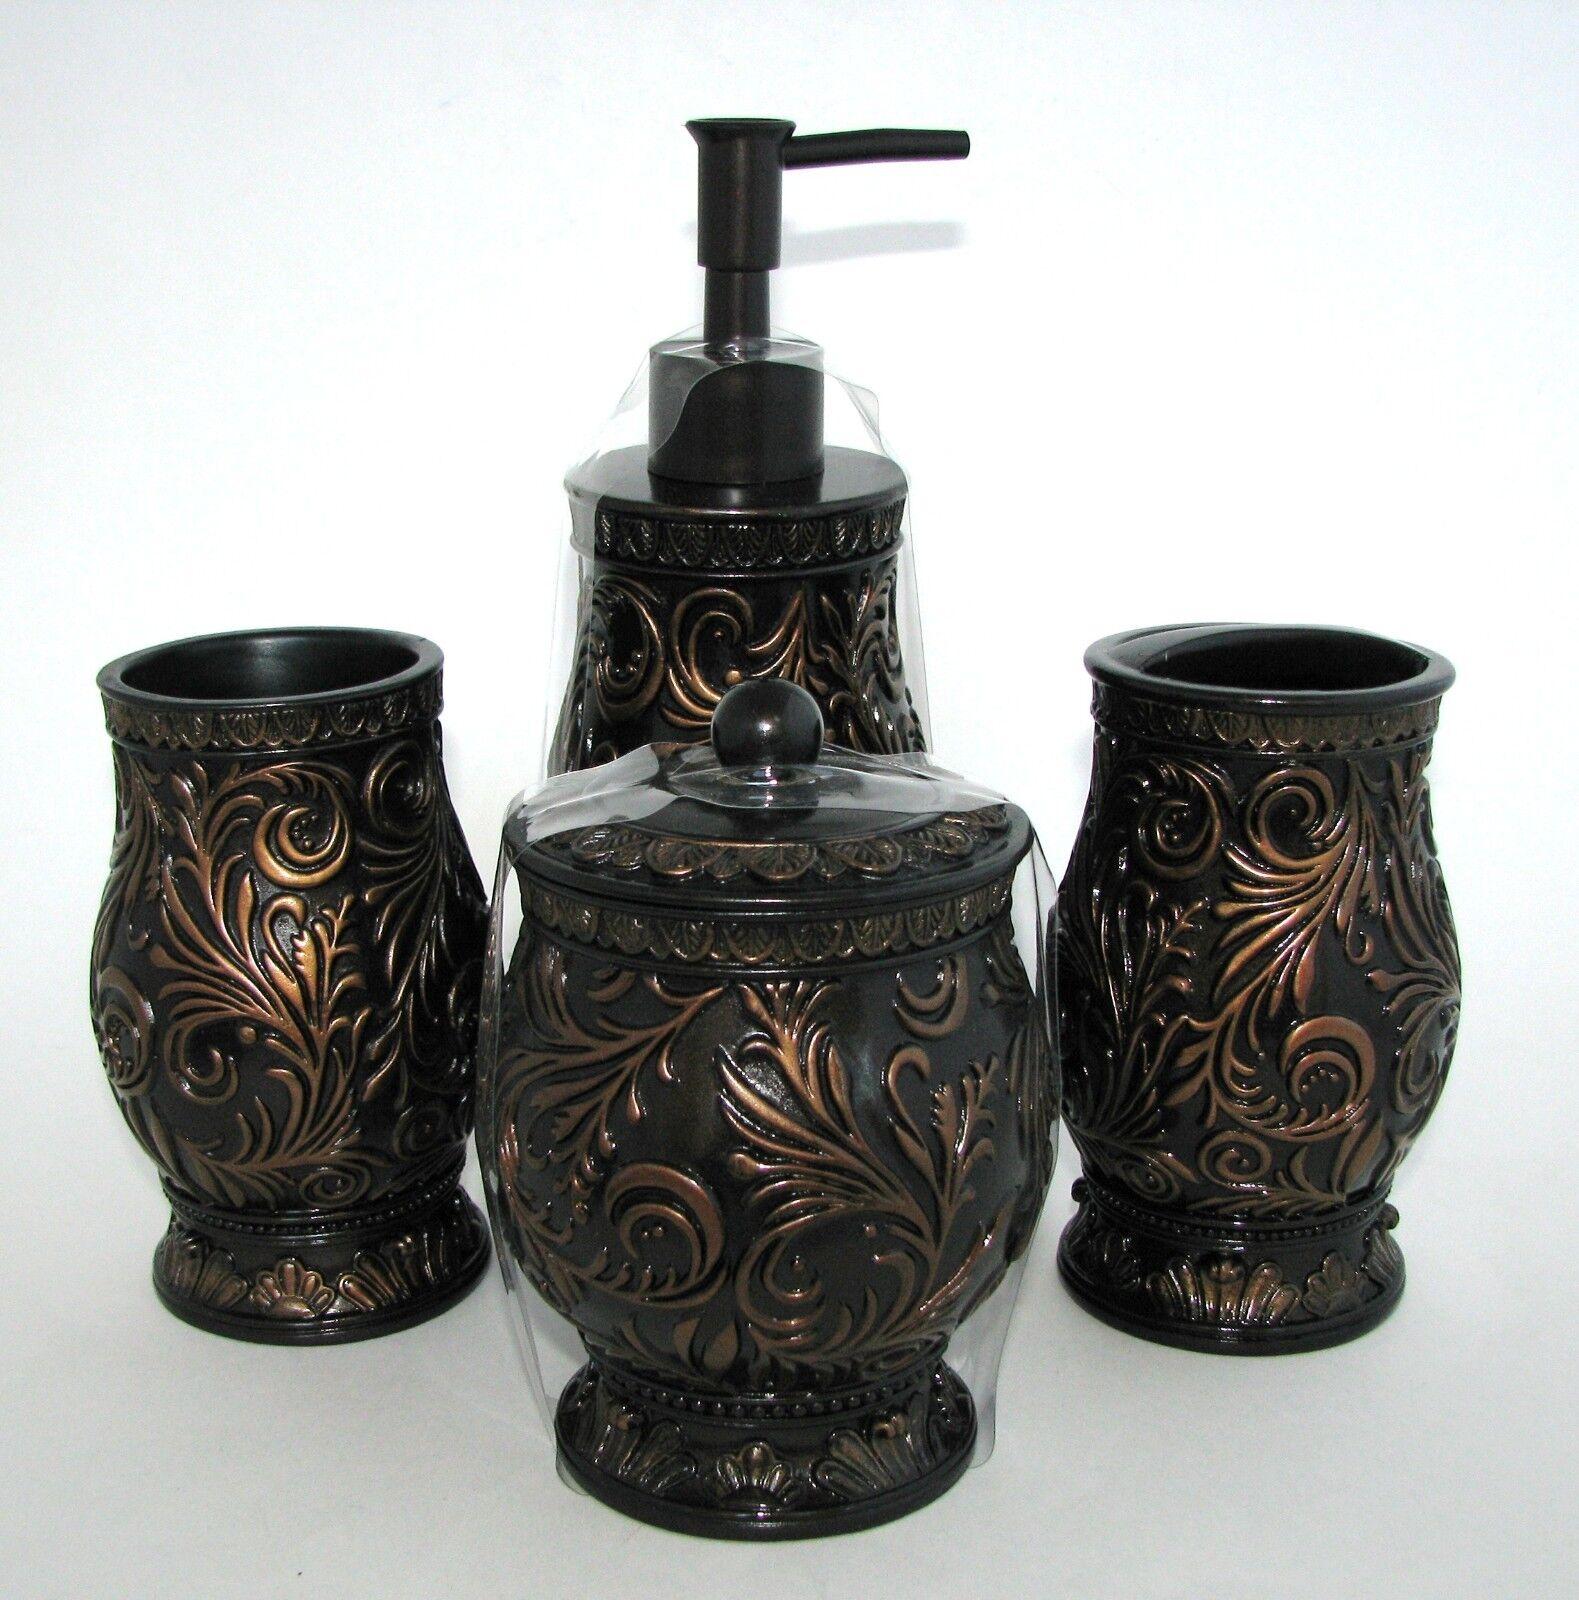 5 Pièces Set Marron,Bronze Résine Distributeur de Savon ,Verre,Plateau,Bocal | | | Caracteristique  55fbda